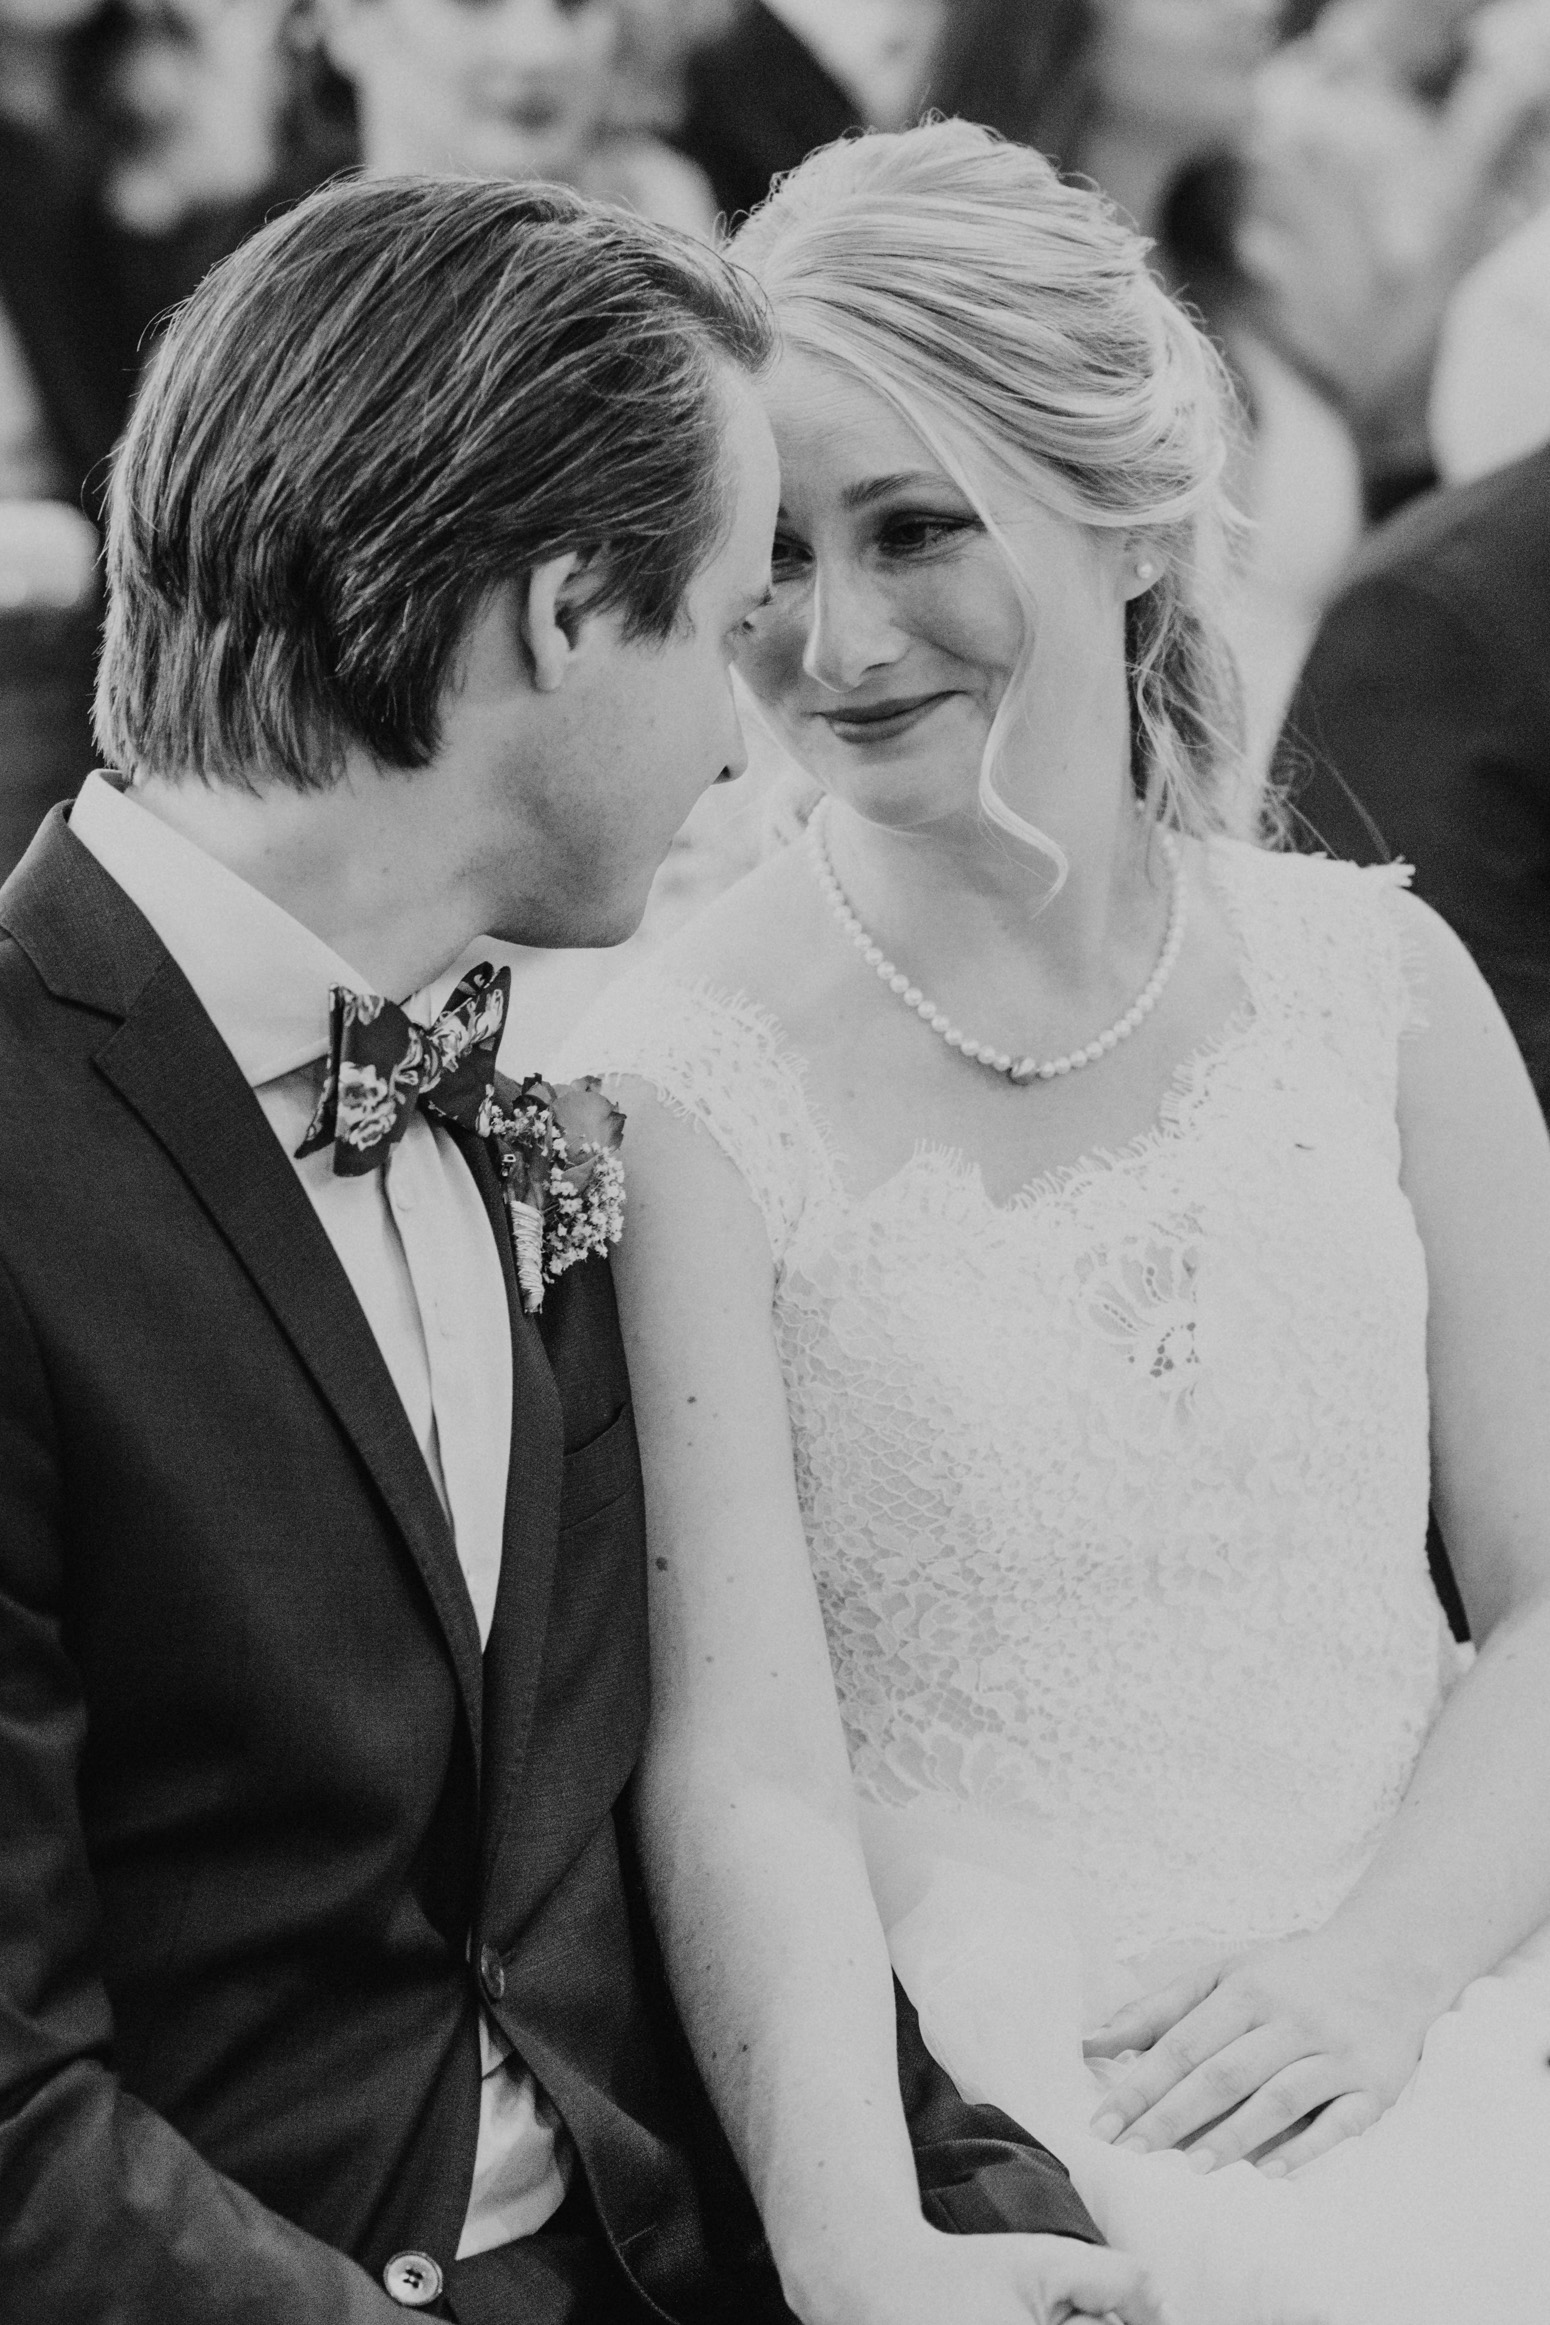 intime Momente während einer Trauung . Hochzeitsfotografin Daria Becker von Genuine Bonds aus Bonn